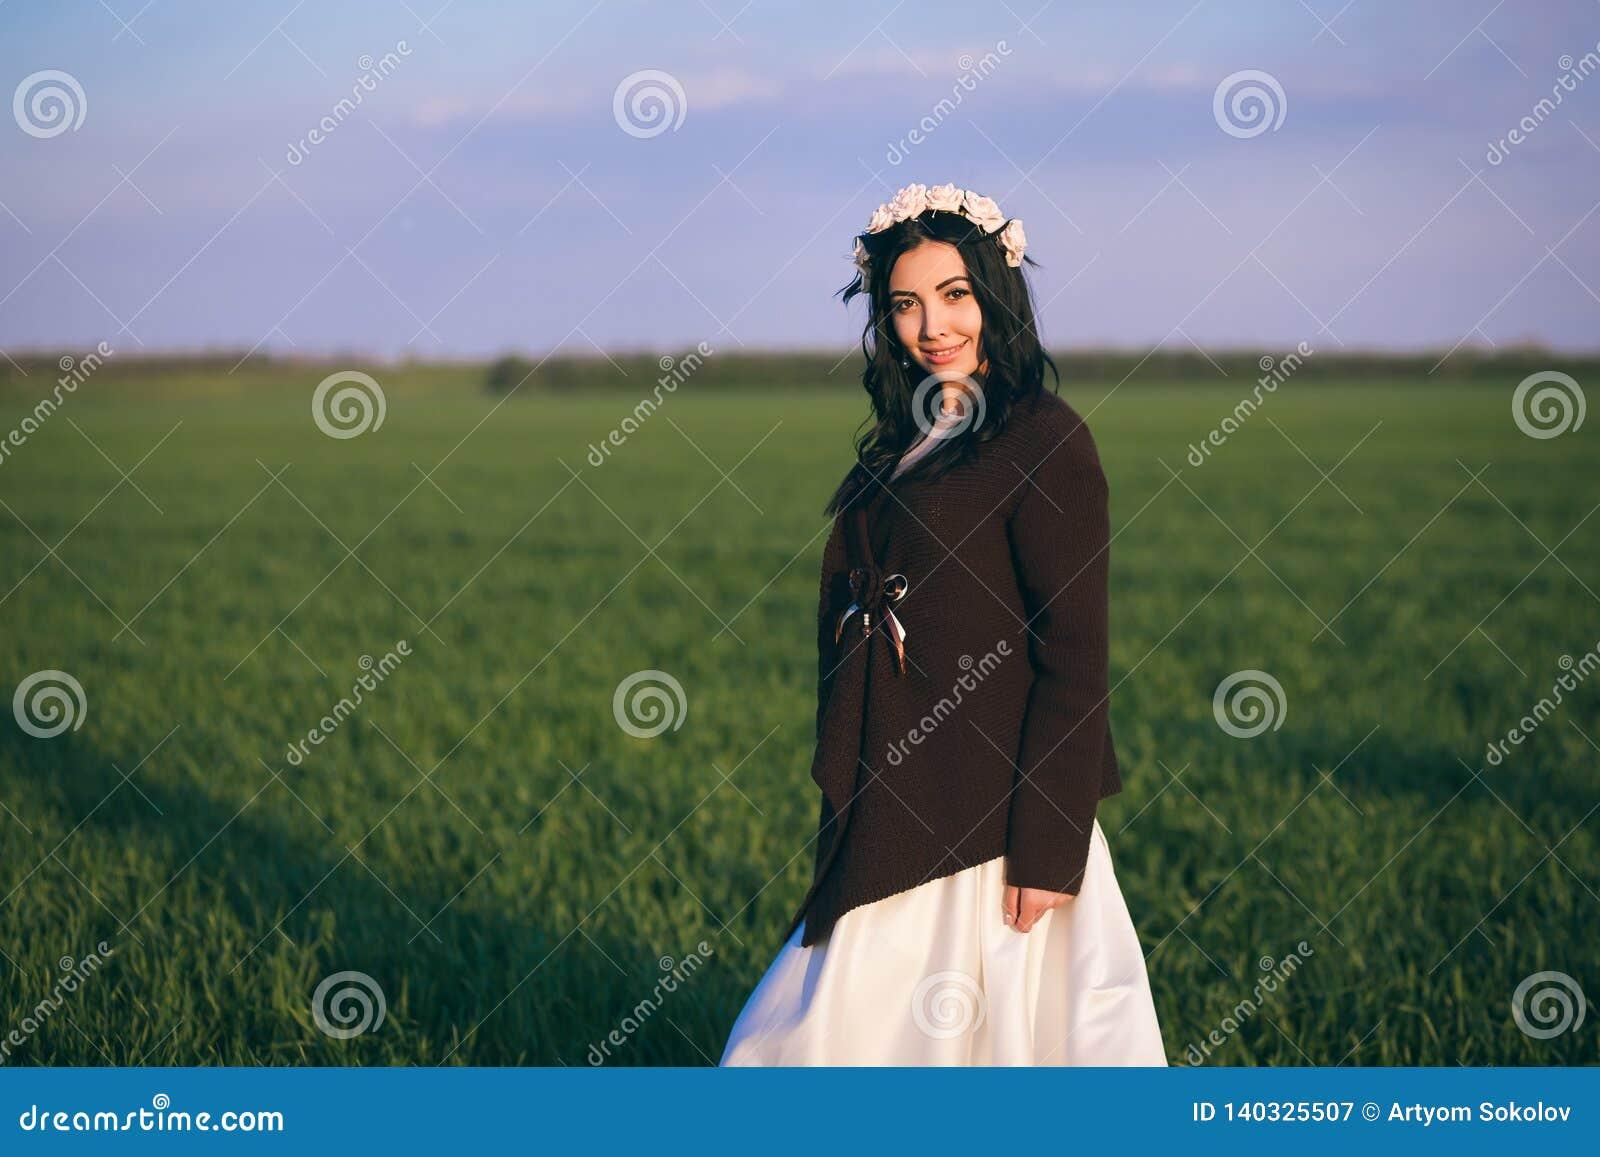 La novia se está colocando en un campo en la puesta del sol, llevando un suéter hecho punto, una tarde fría